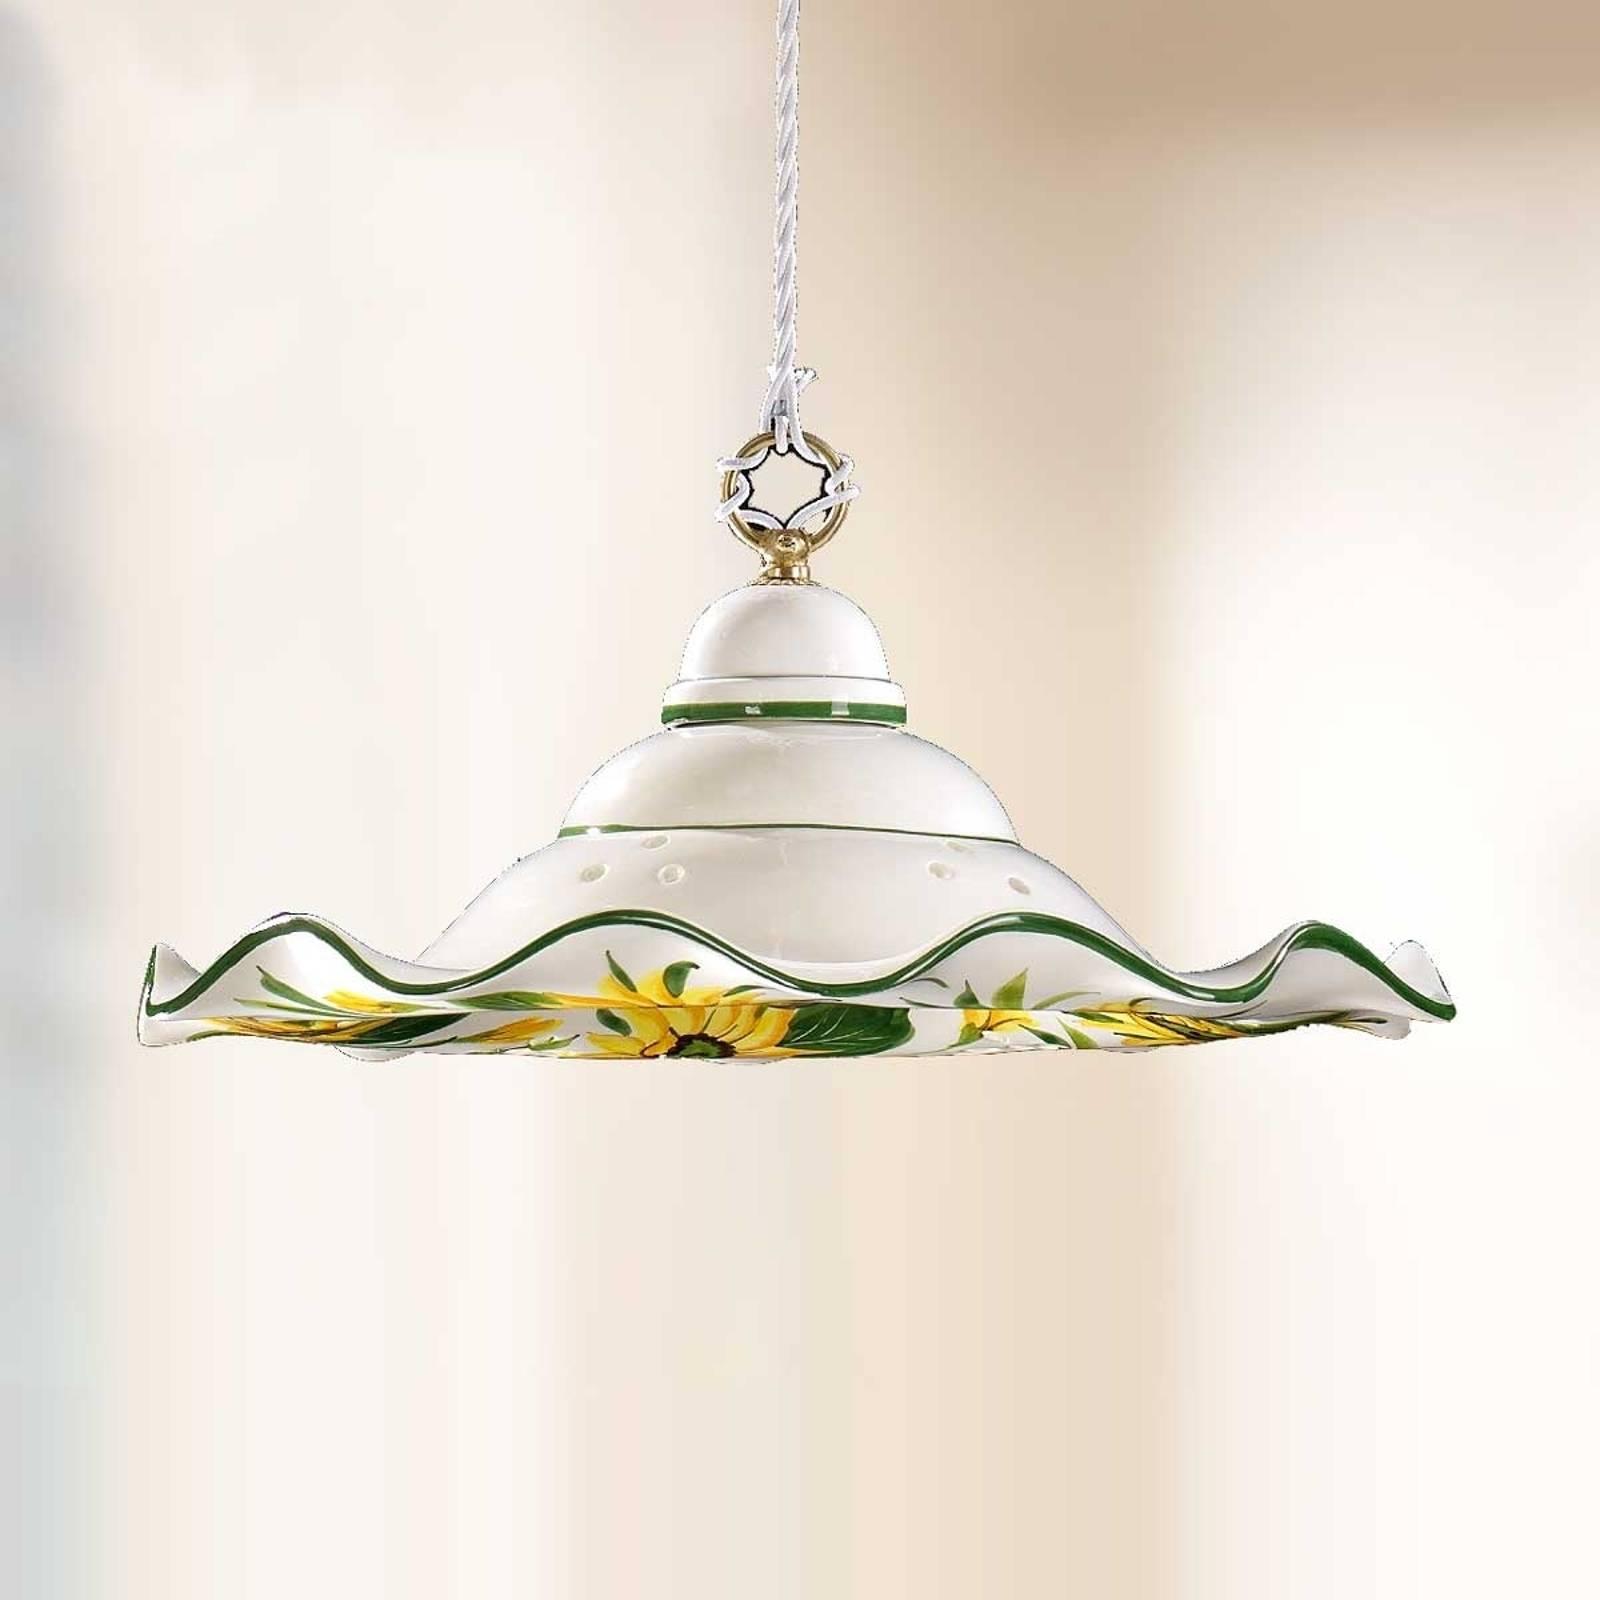 Hanglamp GIRASOLA met landhuis-charme, 41 cm